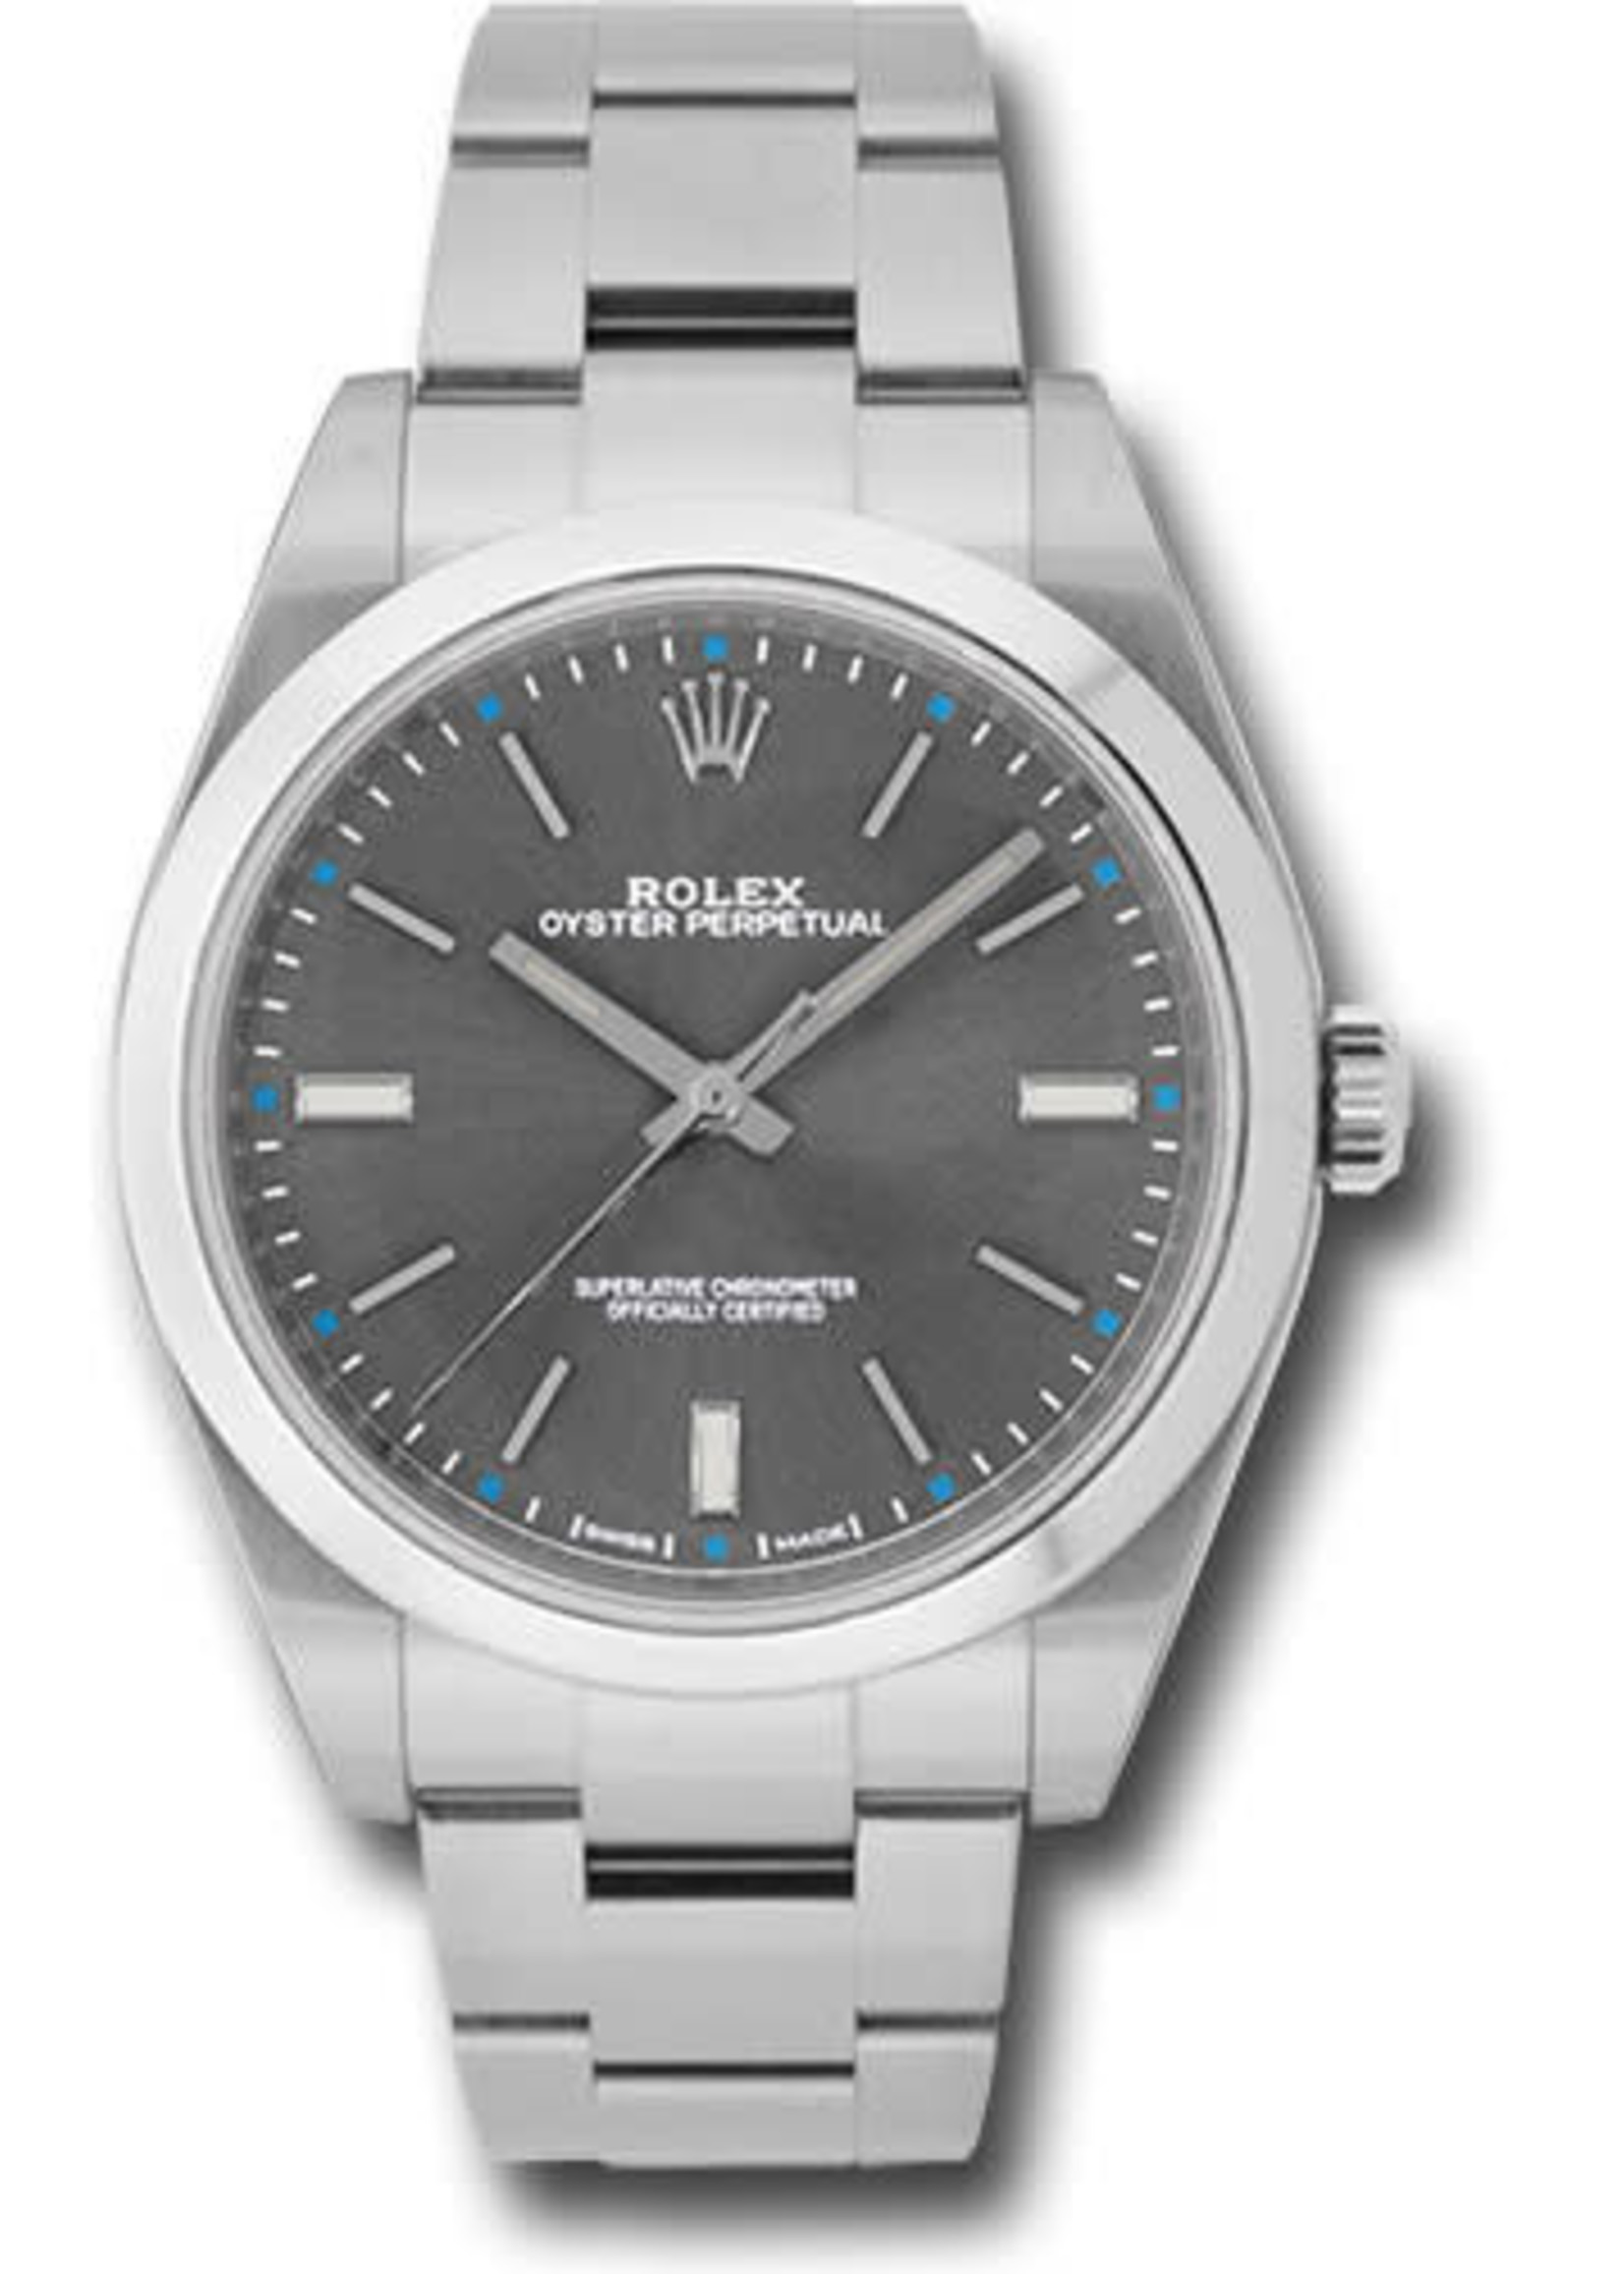 Rolex ROLEX OYSTER PERPETUAL 39MM (2016 B+P) #114300